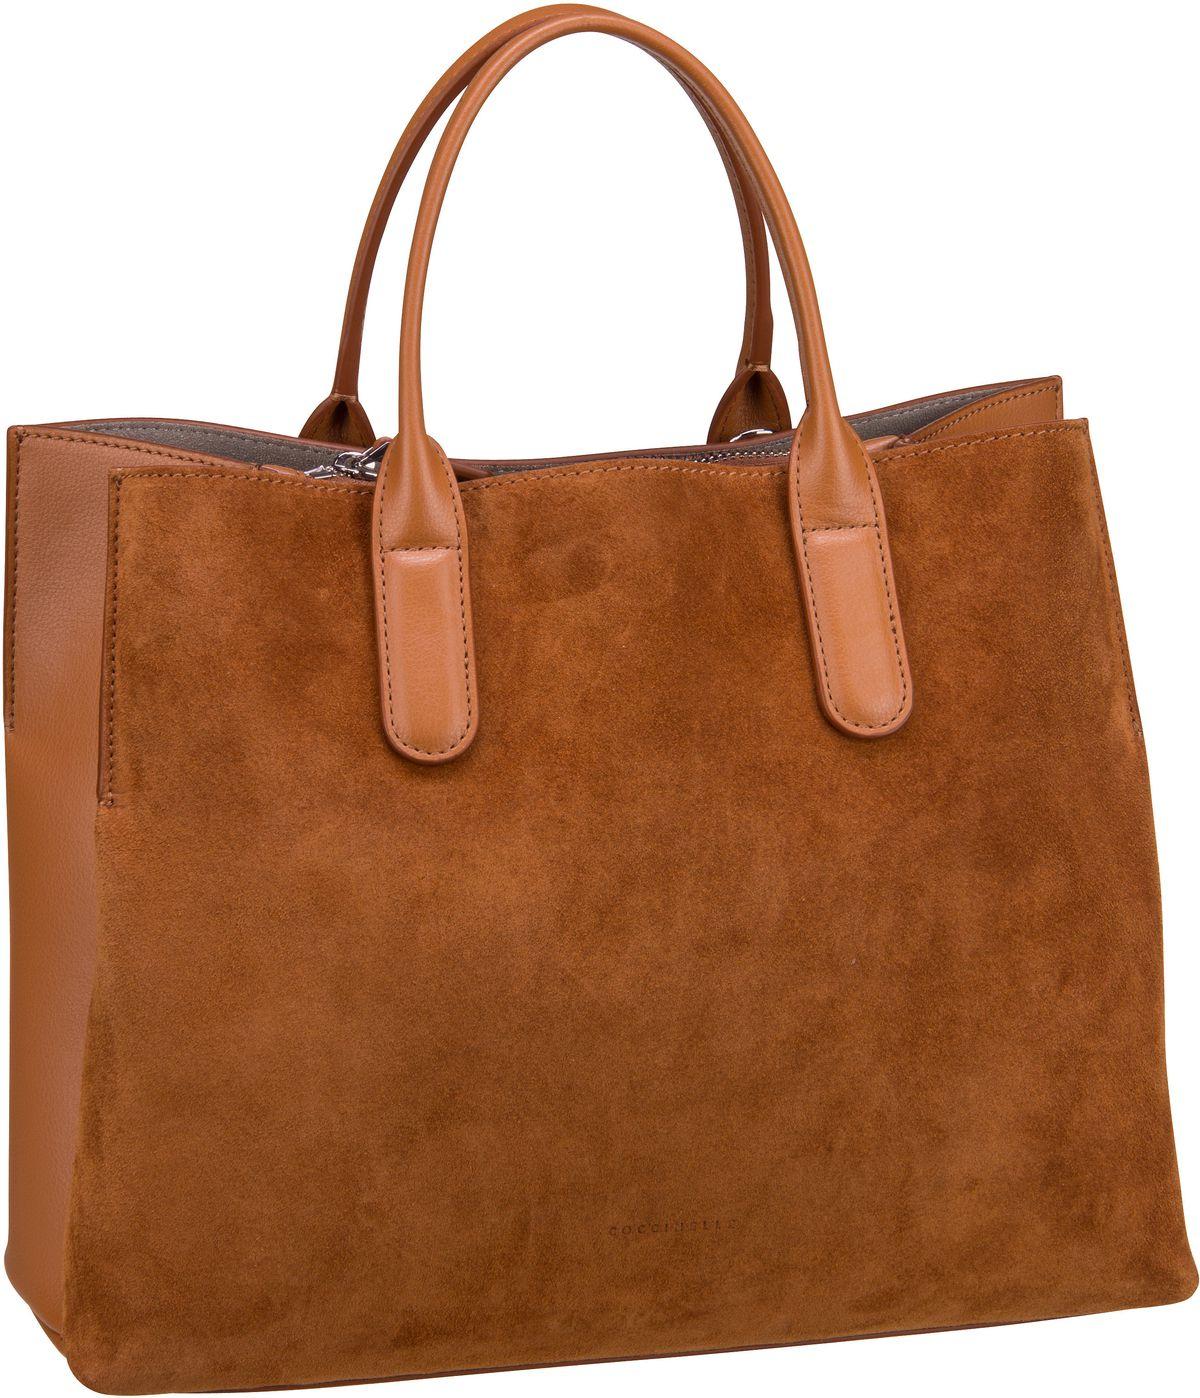 Handtasche Sandy Bimaterial 1801 Caramel